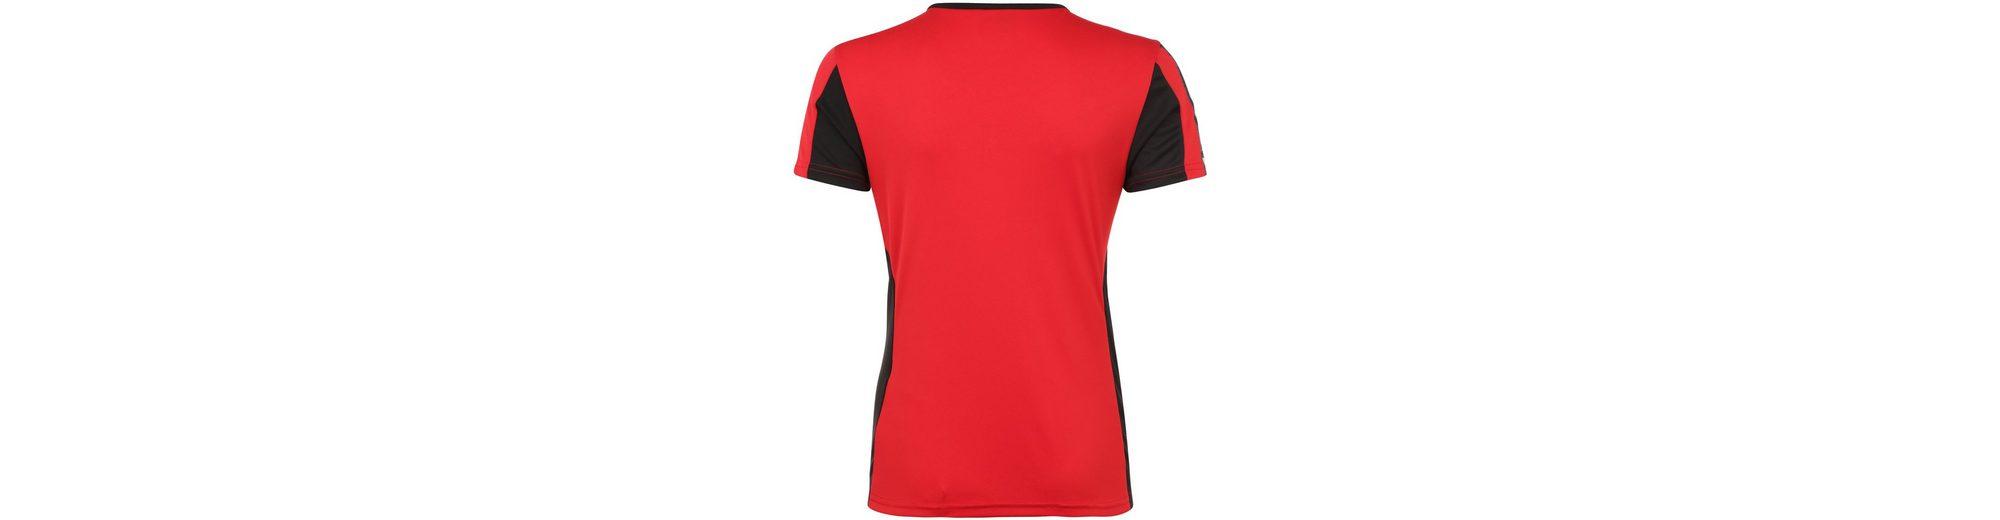 ERIMA ERIMA 5 T 5 T CUBES Shirt ERIMA Damen Shirt CUBES 5 Damen n0xwxFAqr